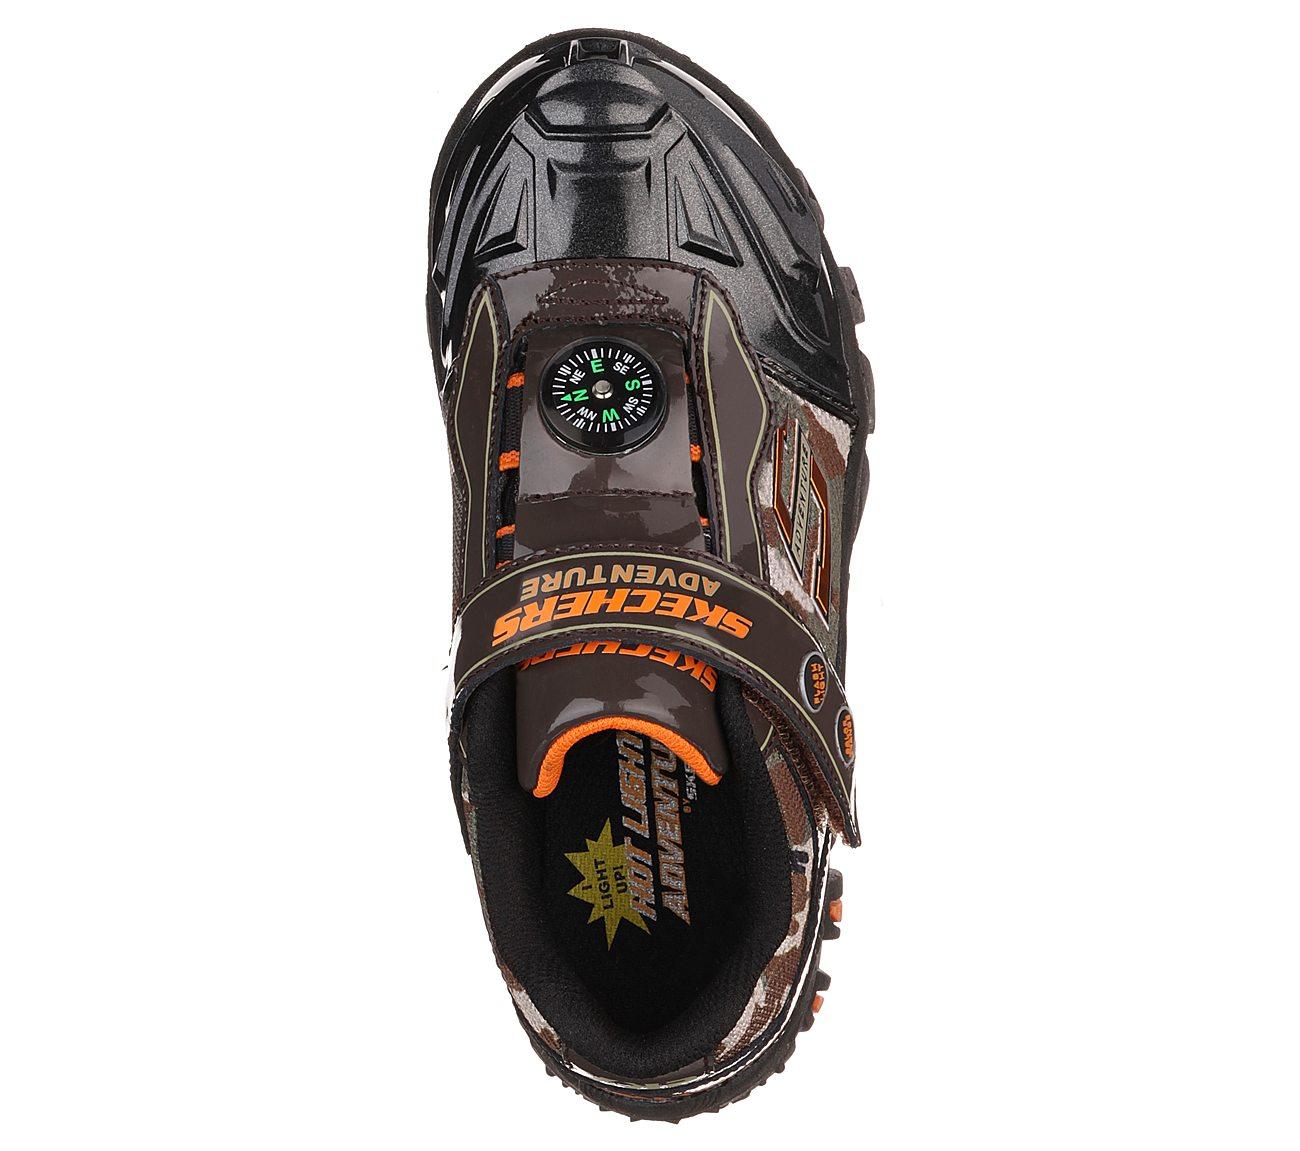 acda4b9fc180 Skechers Kids Damager II-Adventurer Light-Up Sneaker Skechers Kids Footwear  90490L Toddler Little Kid